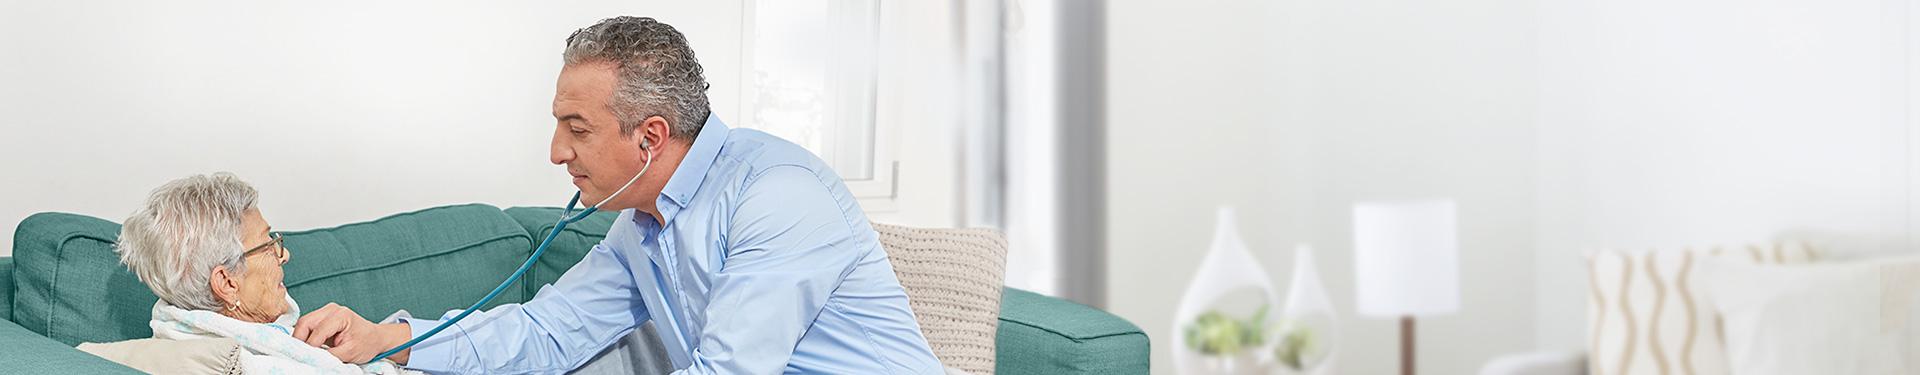 אשפוז בית לחולים מורכבים